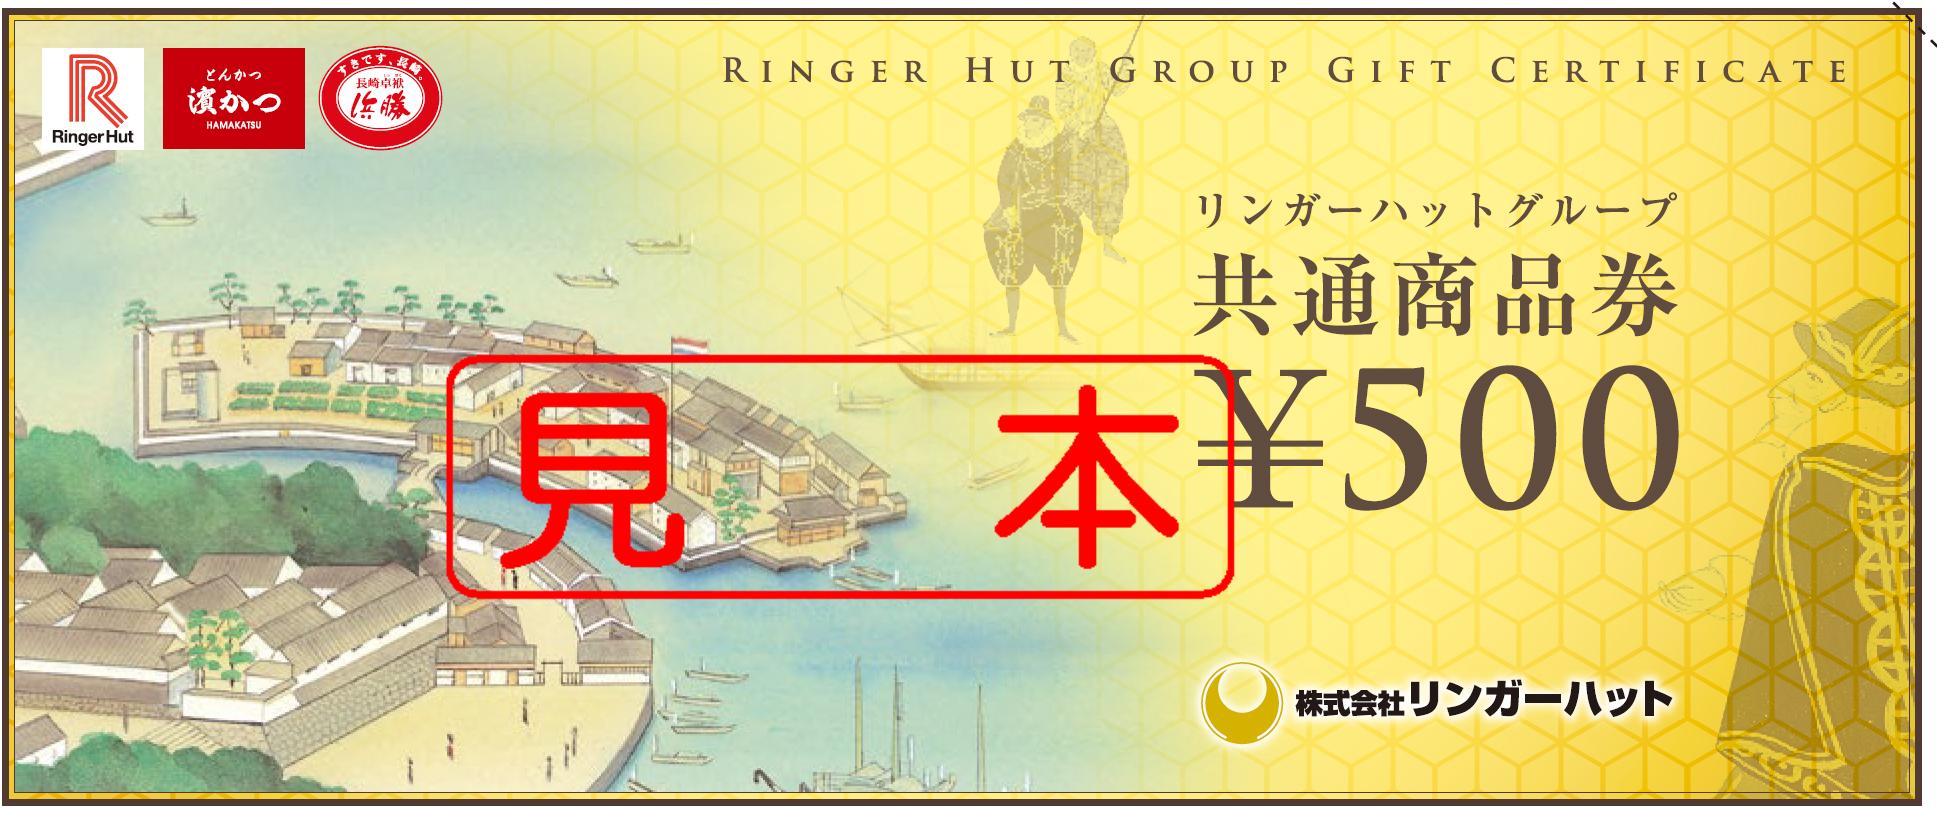 リンガーハットグループ共通商品券8枚